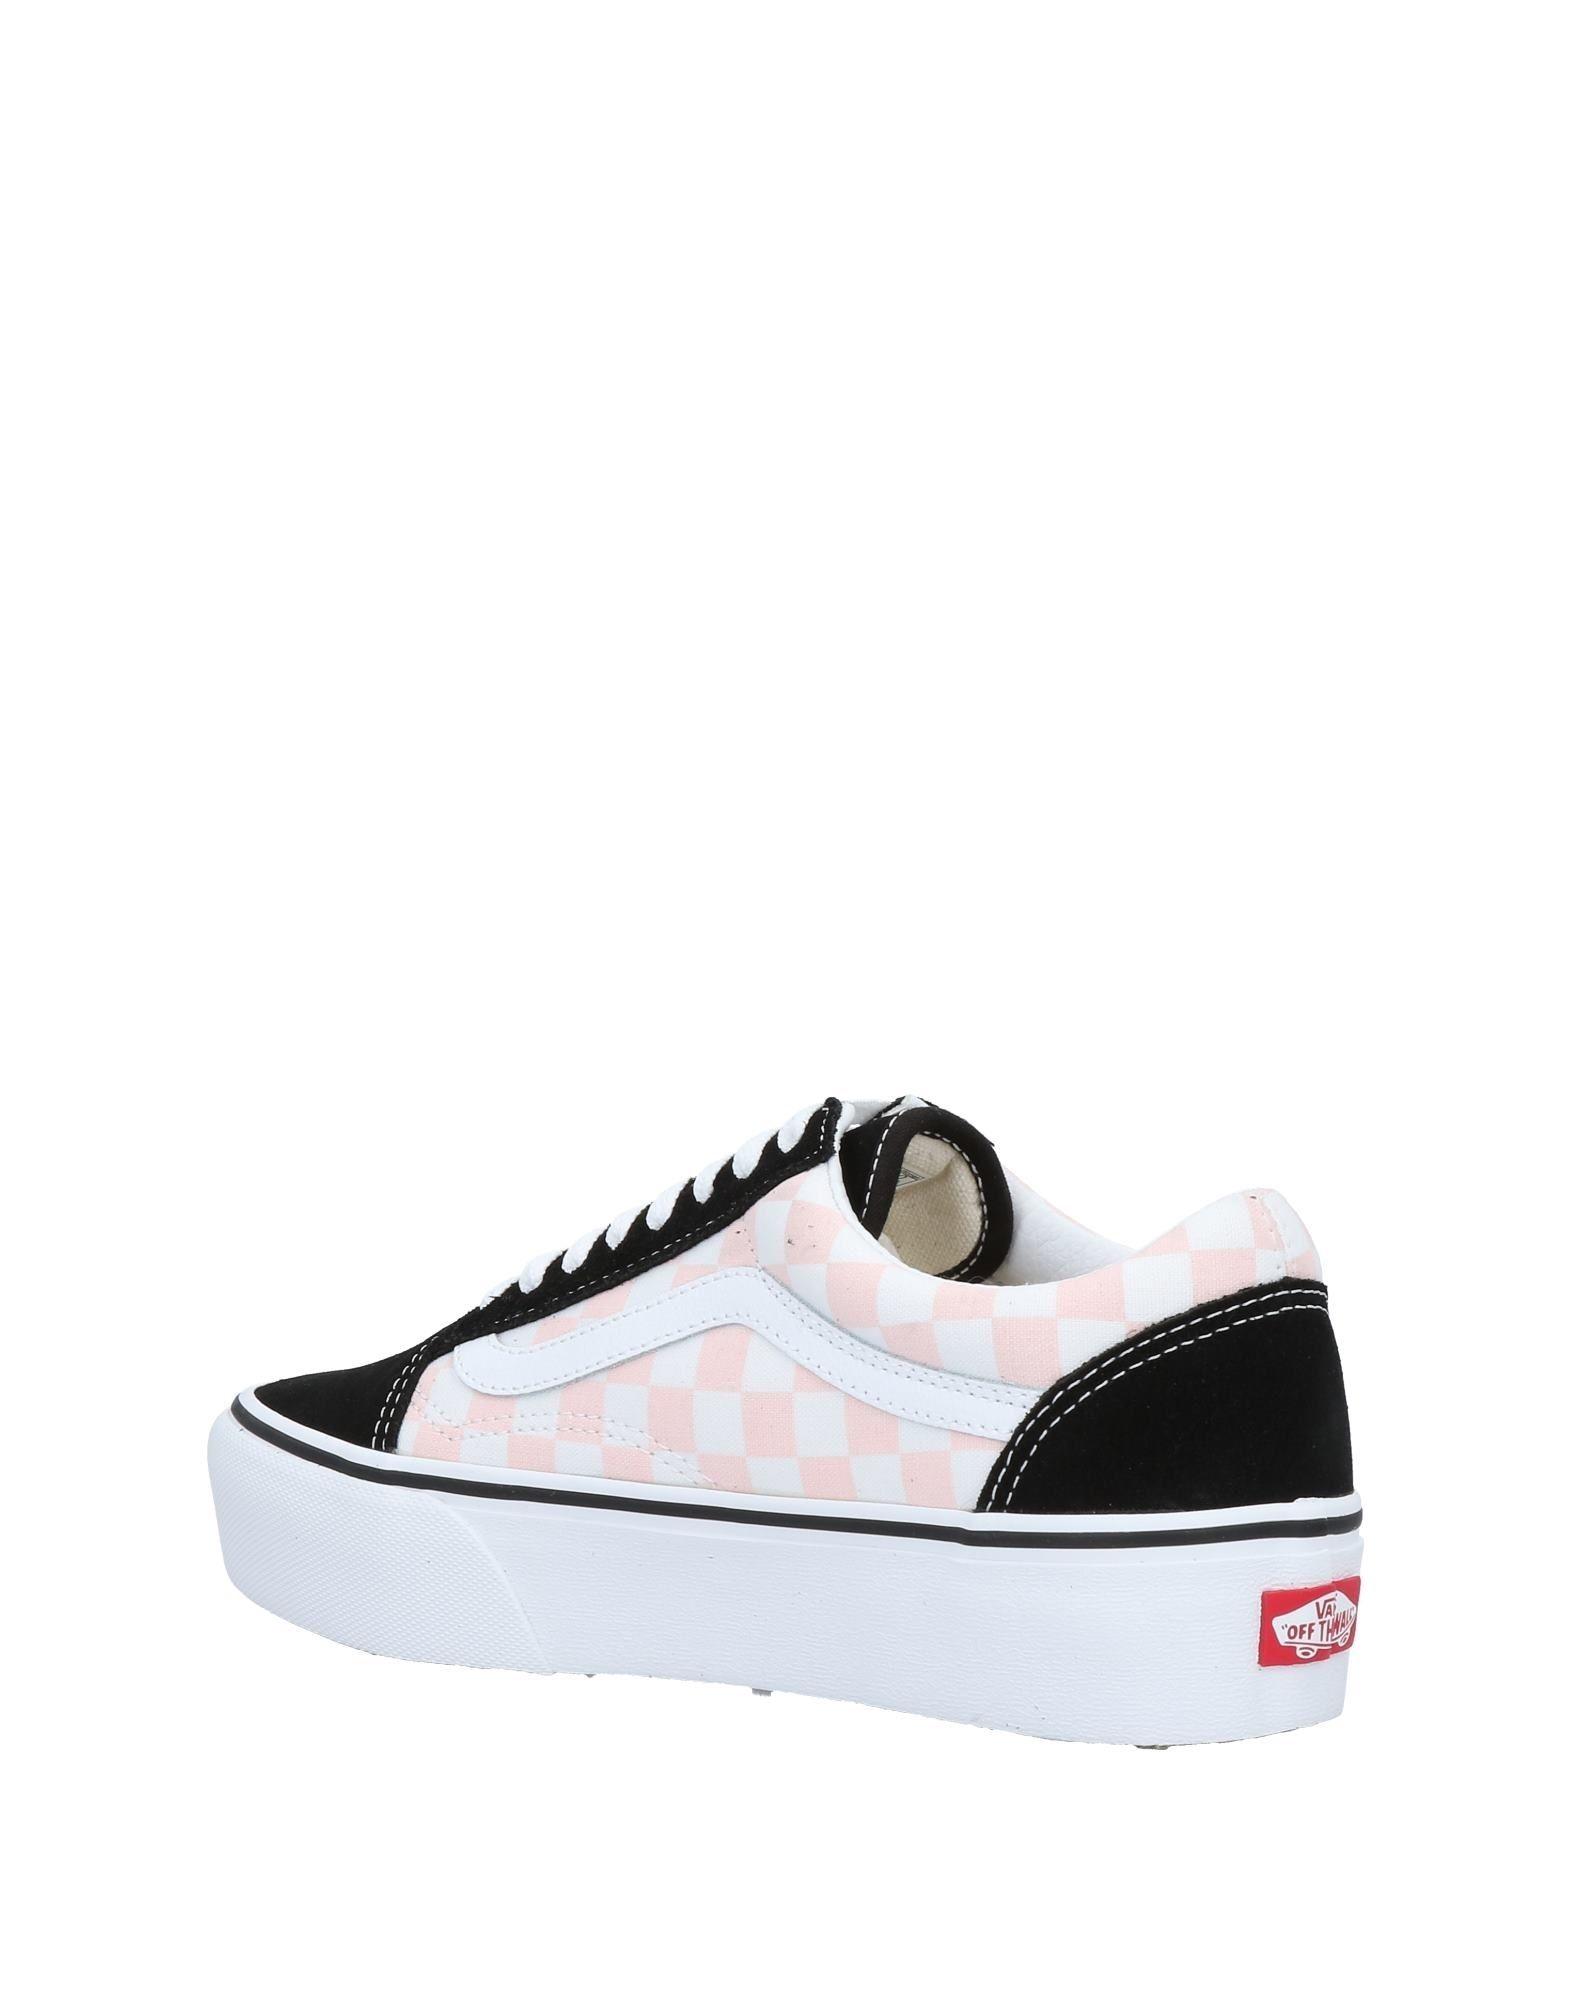 Vans Sneakers Damen   Damen 11494537GK 1b9d5a